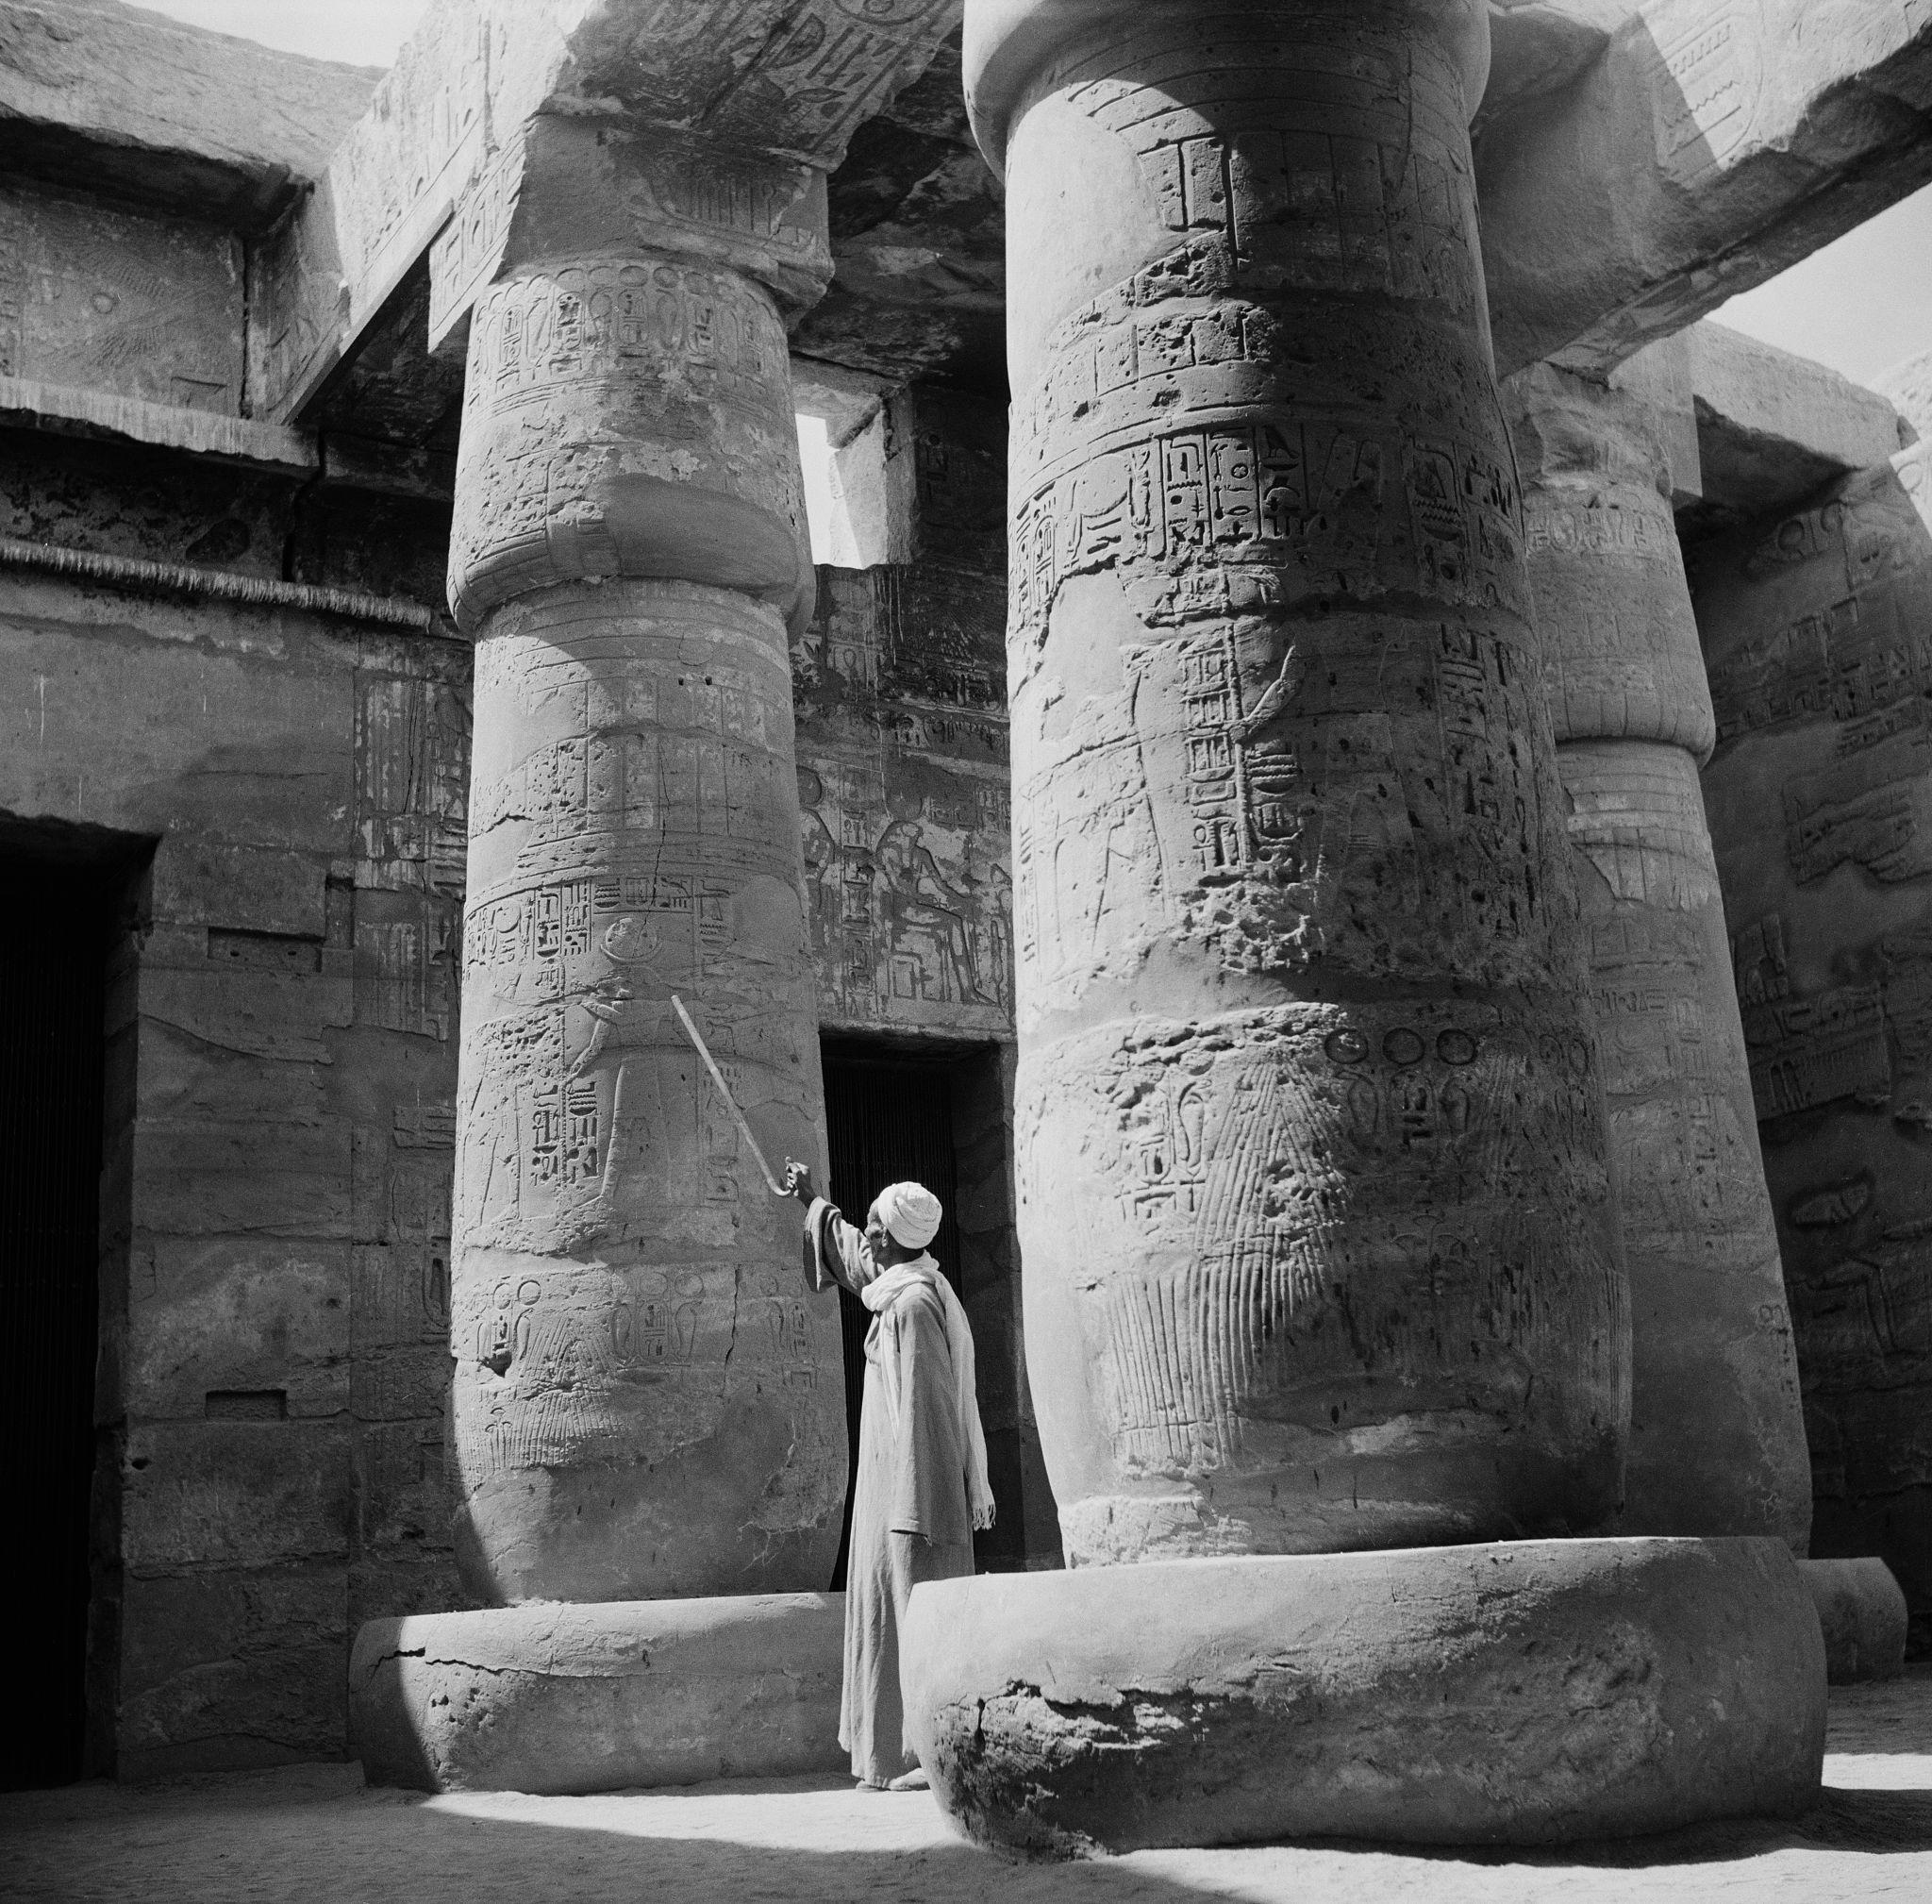 1955. Гид объясняет некоторые из иероглифов в Большом Гипостильном Зале храма Амон-Ре, являющегося частью Карнакского храмового комплекса